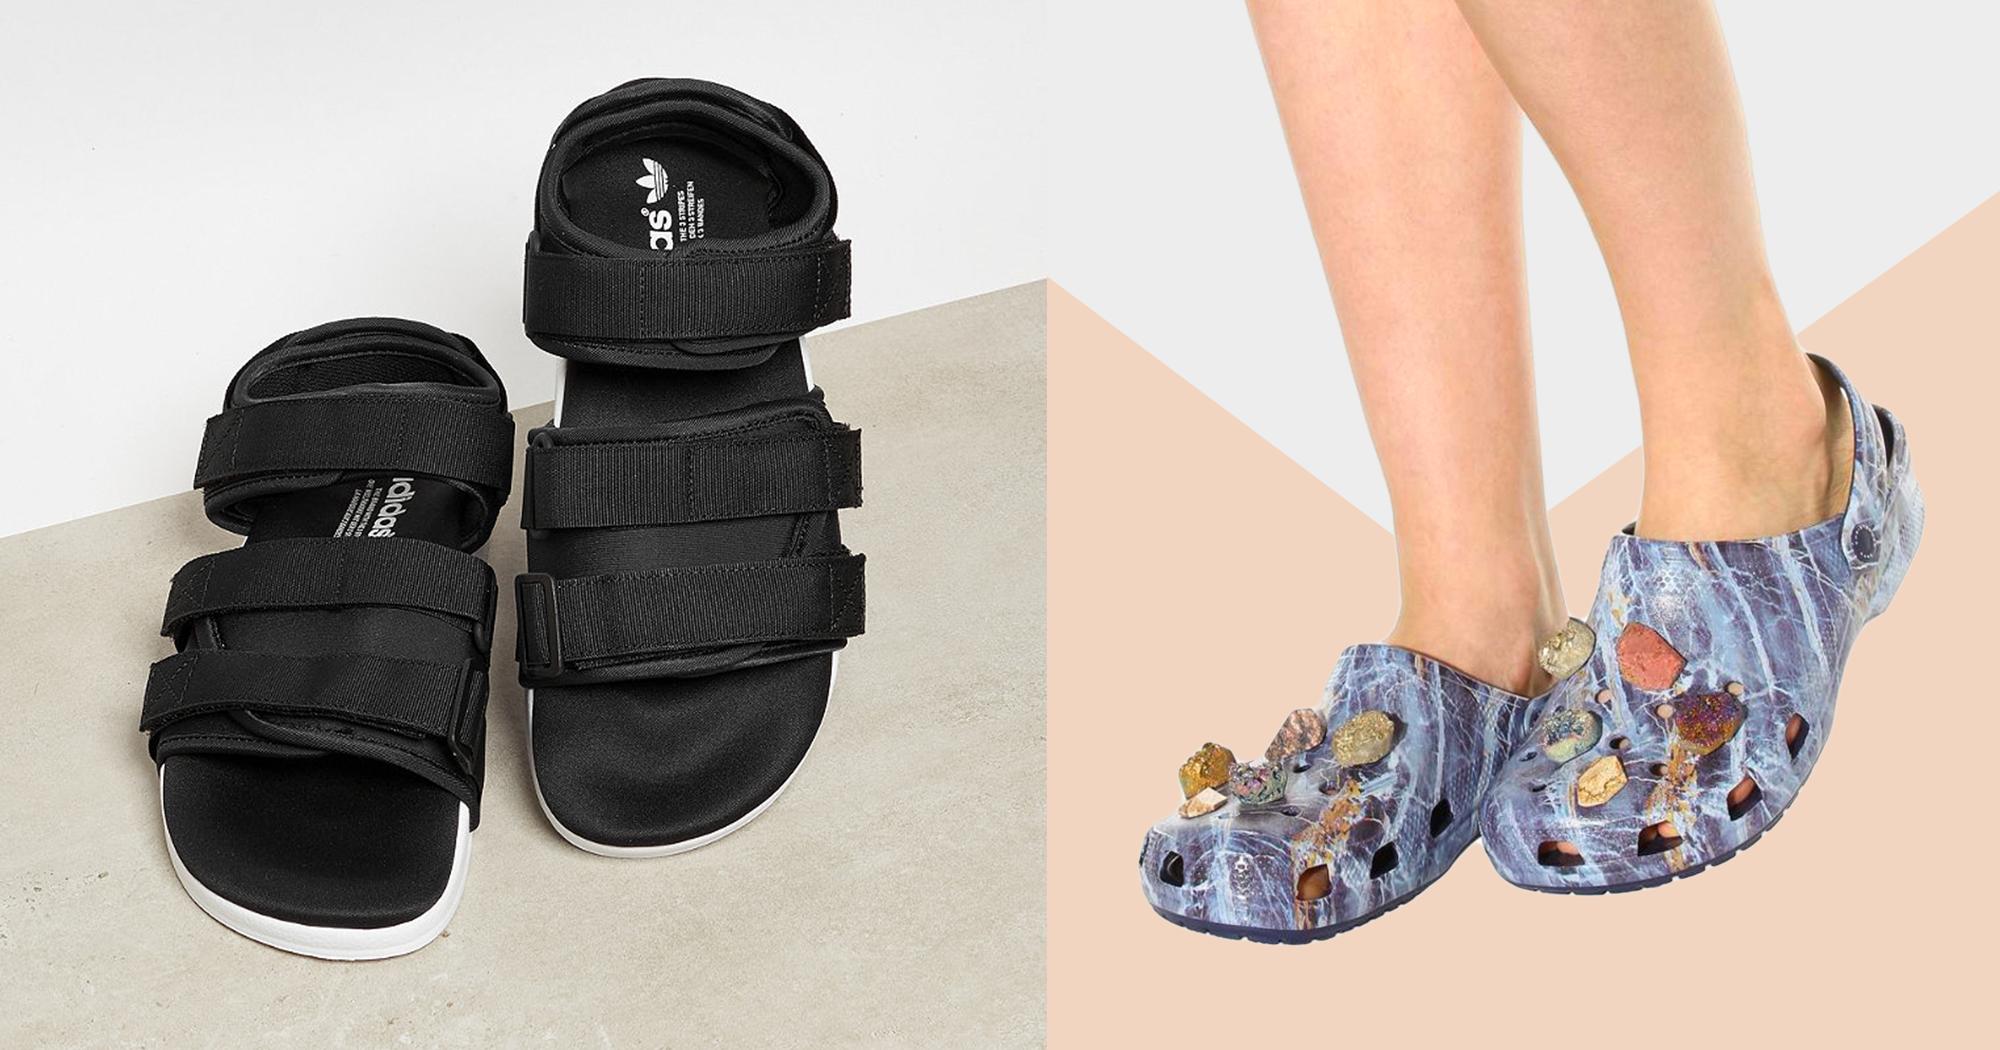 paradoxer sommertrend h ssliche sandalen sind jetzt in. Black Bedroom Furniture Sets. Home Design Ideas